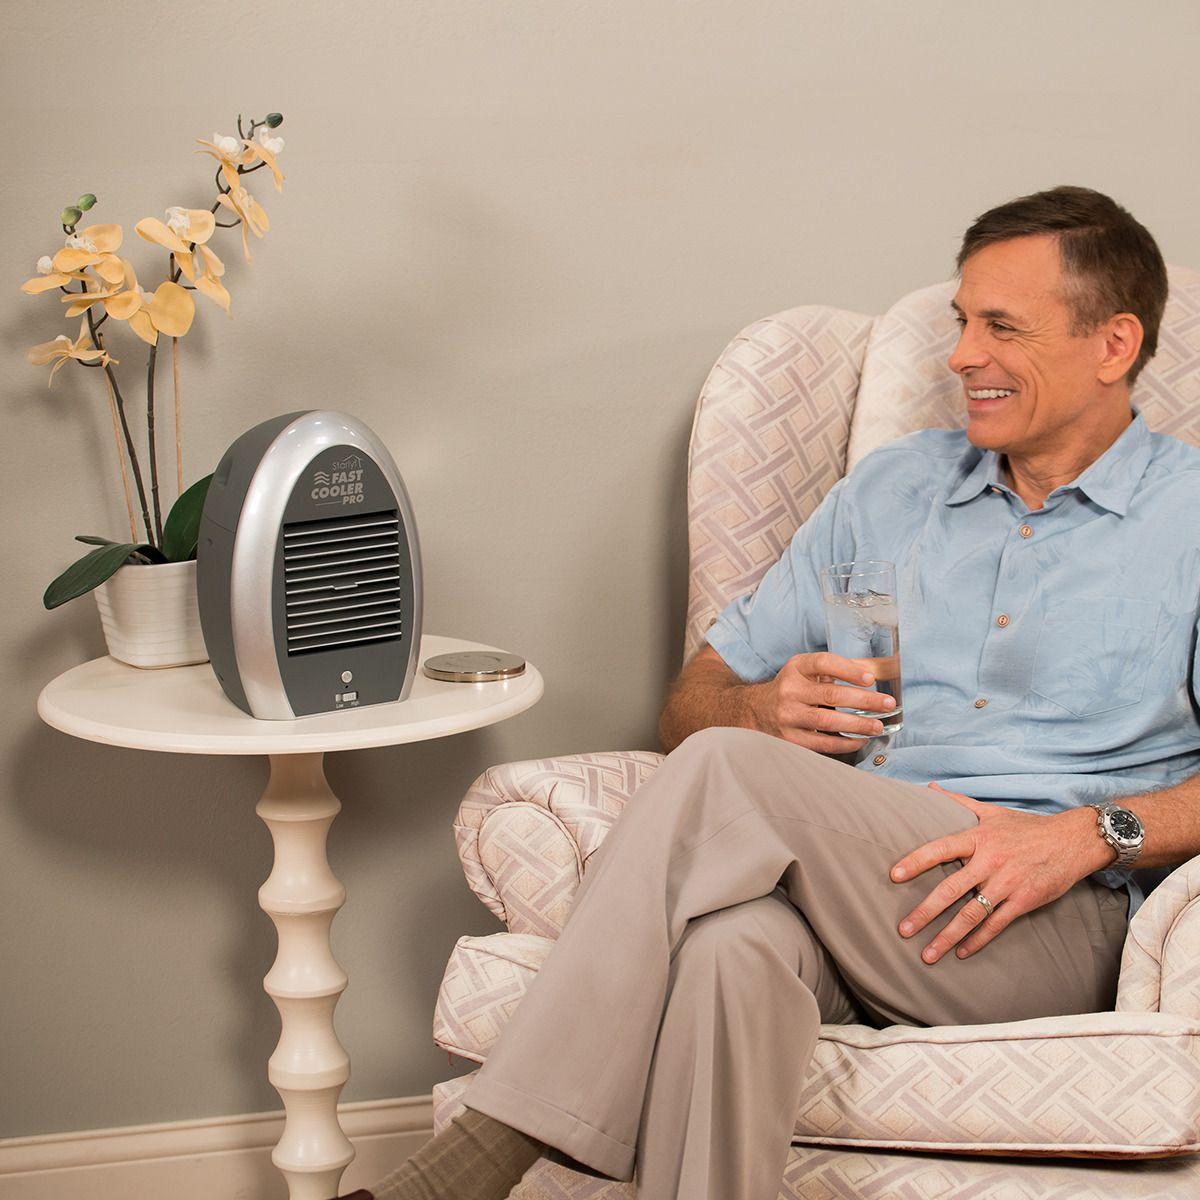 Ventilador Mini Ar Climatizador Portatil Fast Cooler Fonte (MC41292)